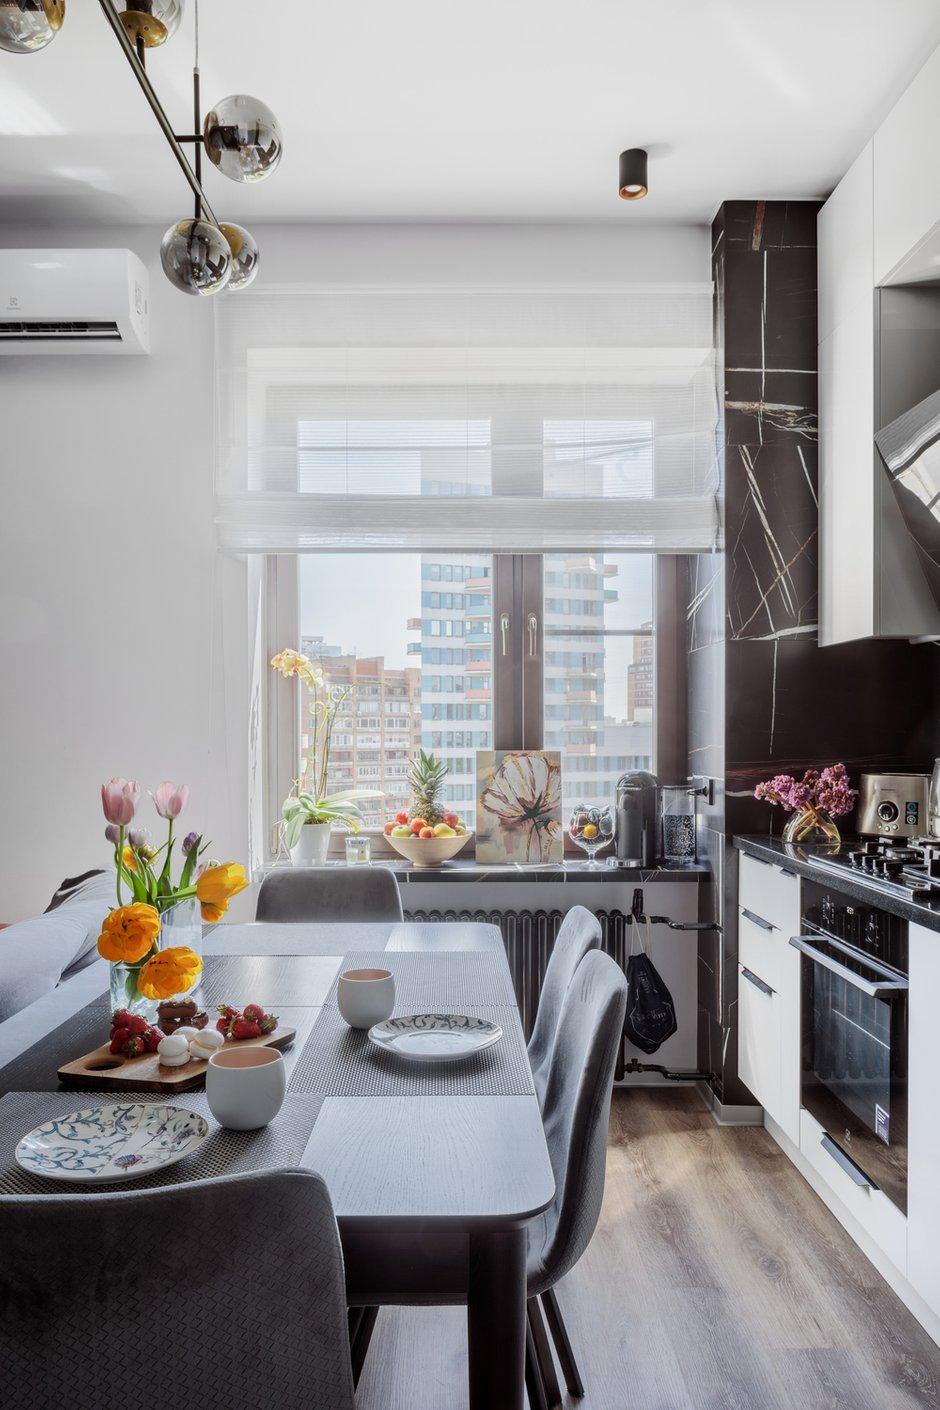 В кухне подоконник выполнен из керамогранита — на самом деле это лестничная ступень. Керамогранит дальше идет по порталу окна и по стене за кухней.